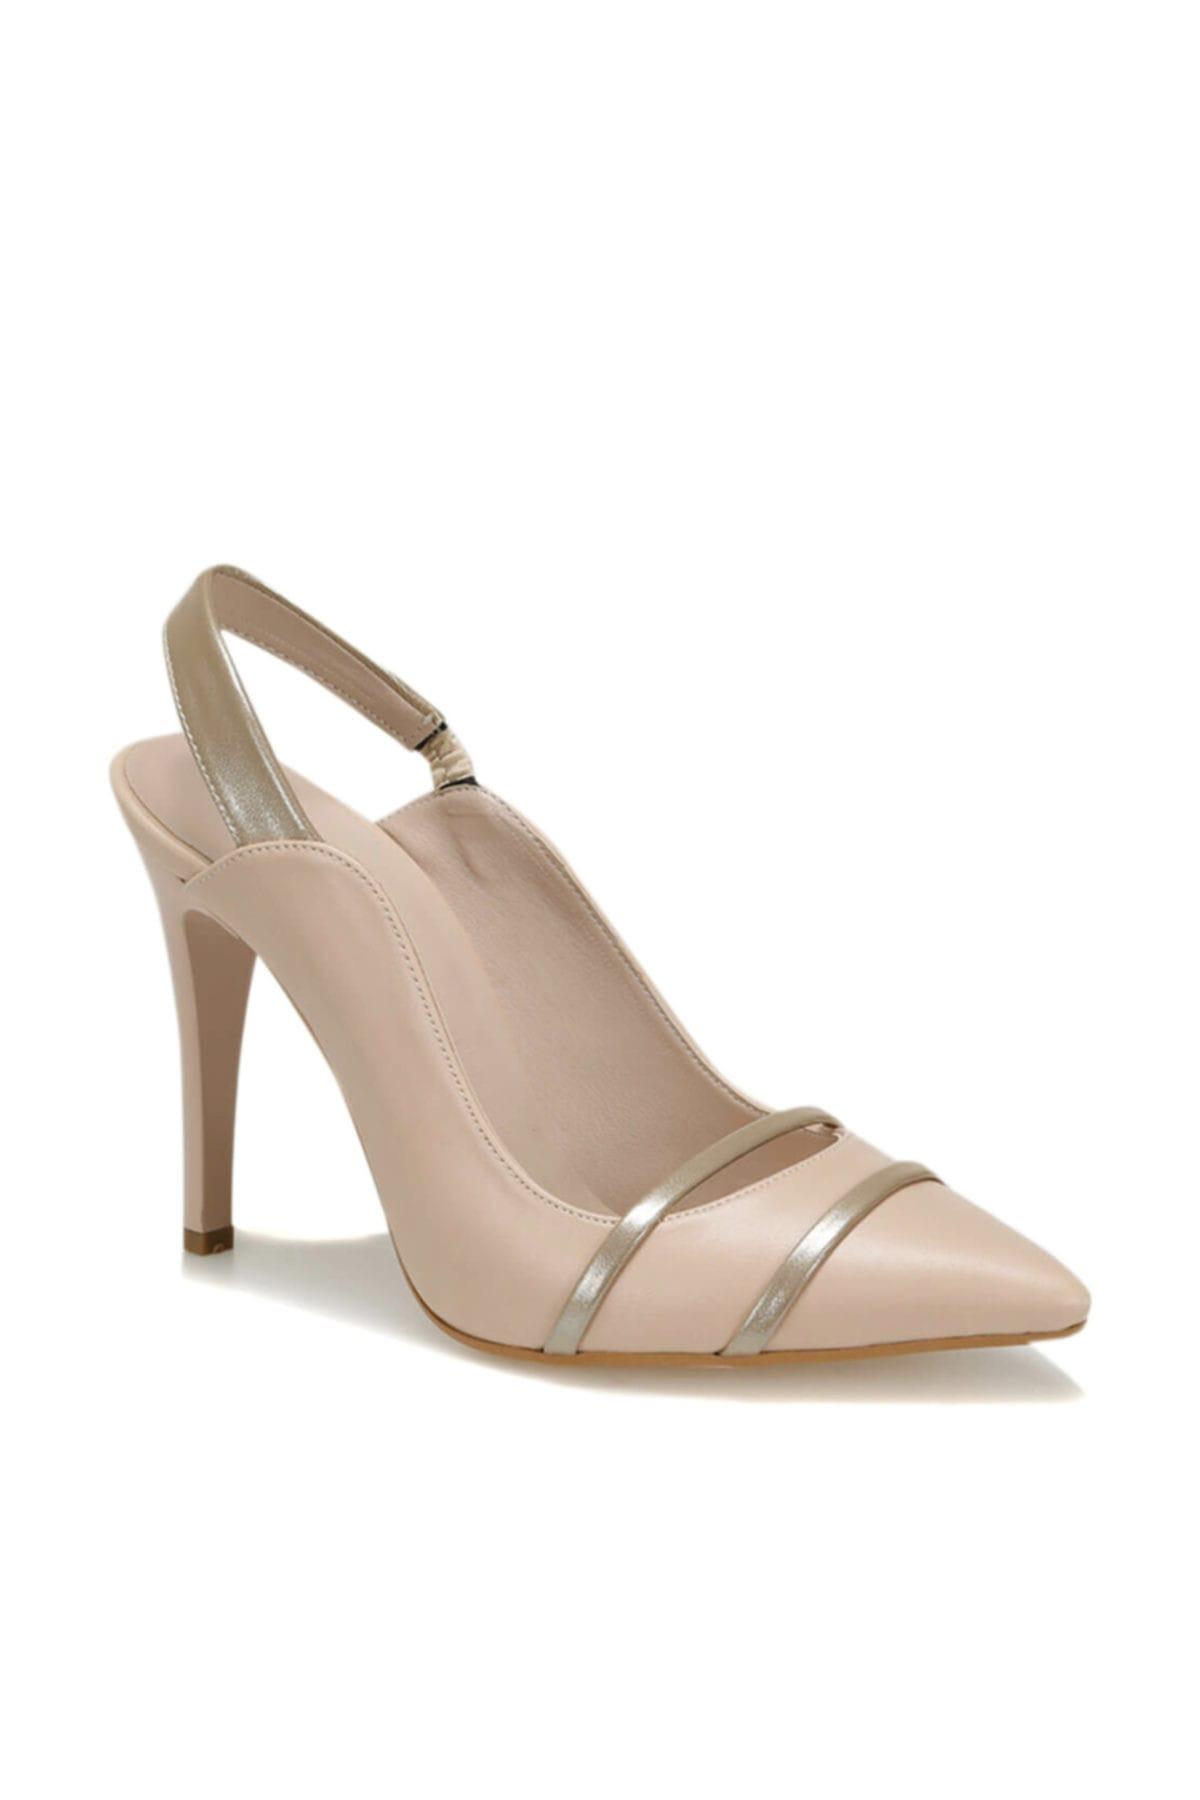 Butigo 19s-034 Bej Kadın Topuklu Ayakkabı 100371384 1